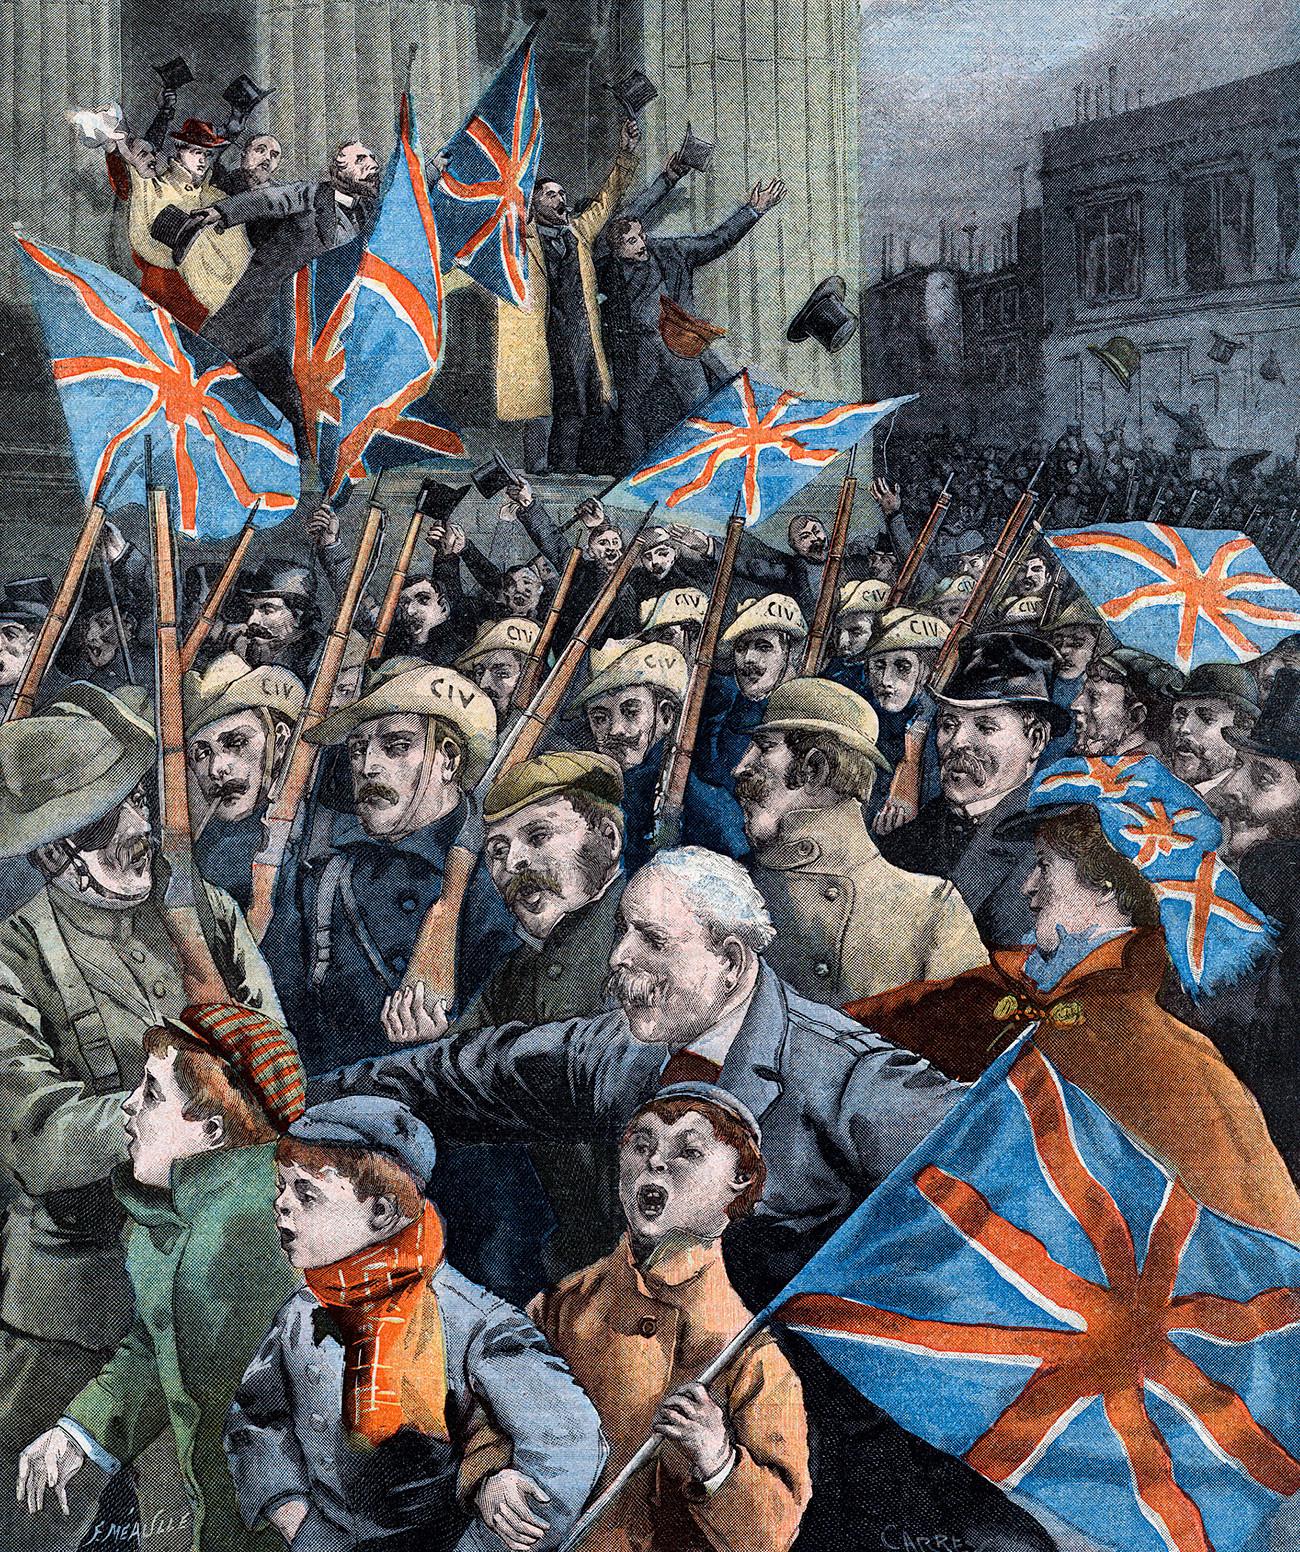 Други бурски рат у Трансвалу, британски добровољци се враћају из Англо-бурског рата.